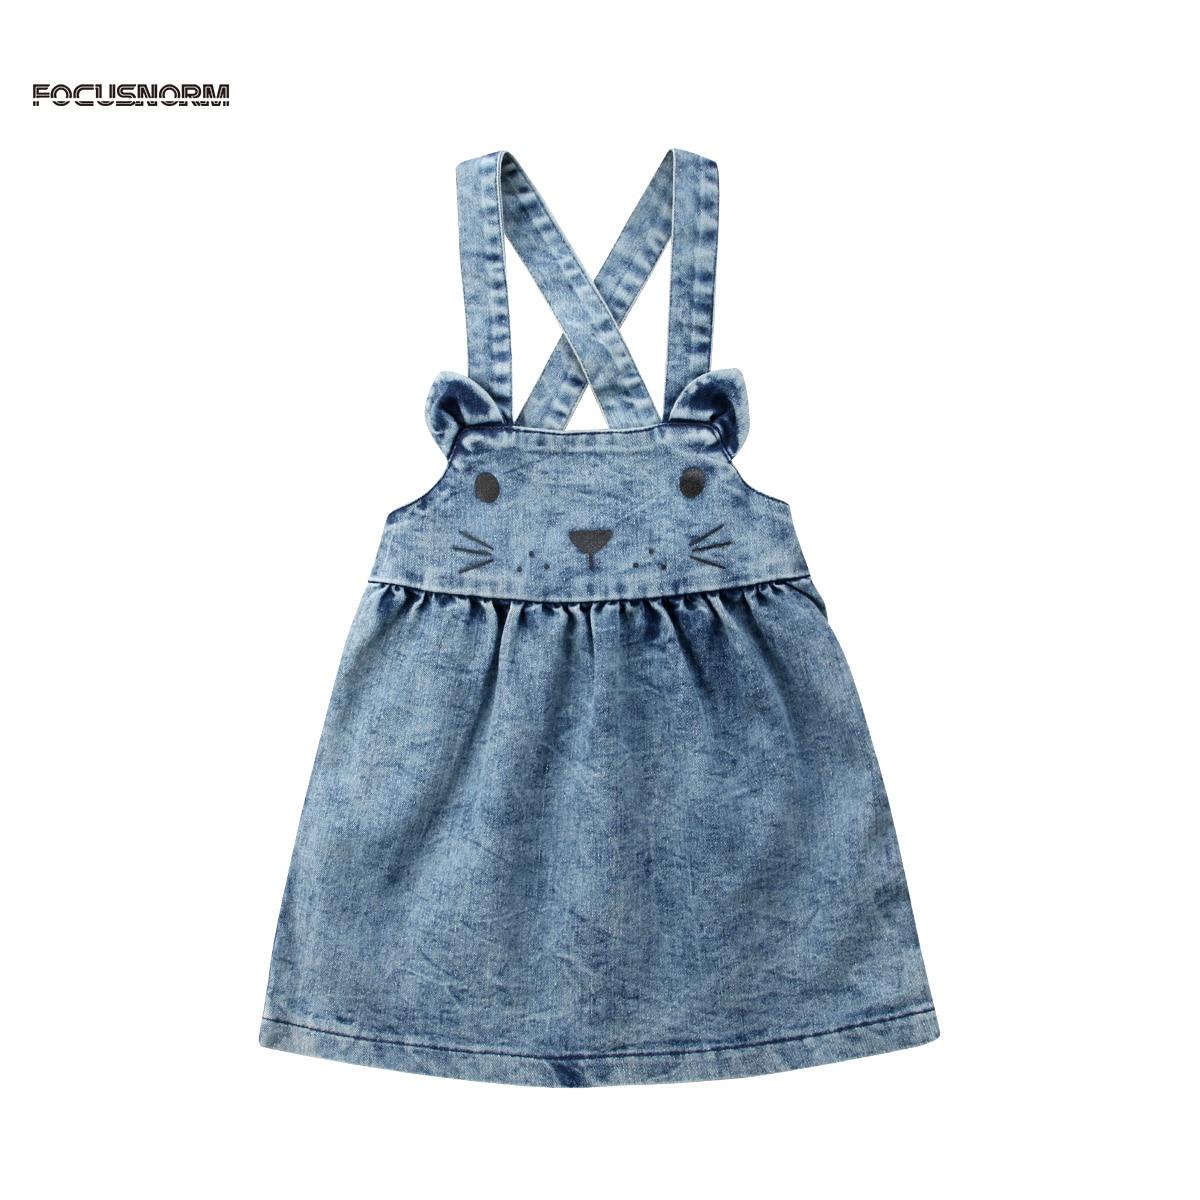 0-5 Jahre Mädchen Sommer Blau Overalls Rock Niedlichen Kaninchen Strumpf Röcke Schöne Baby Mädchen Kleidung Weich Und Leicht